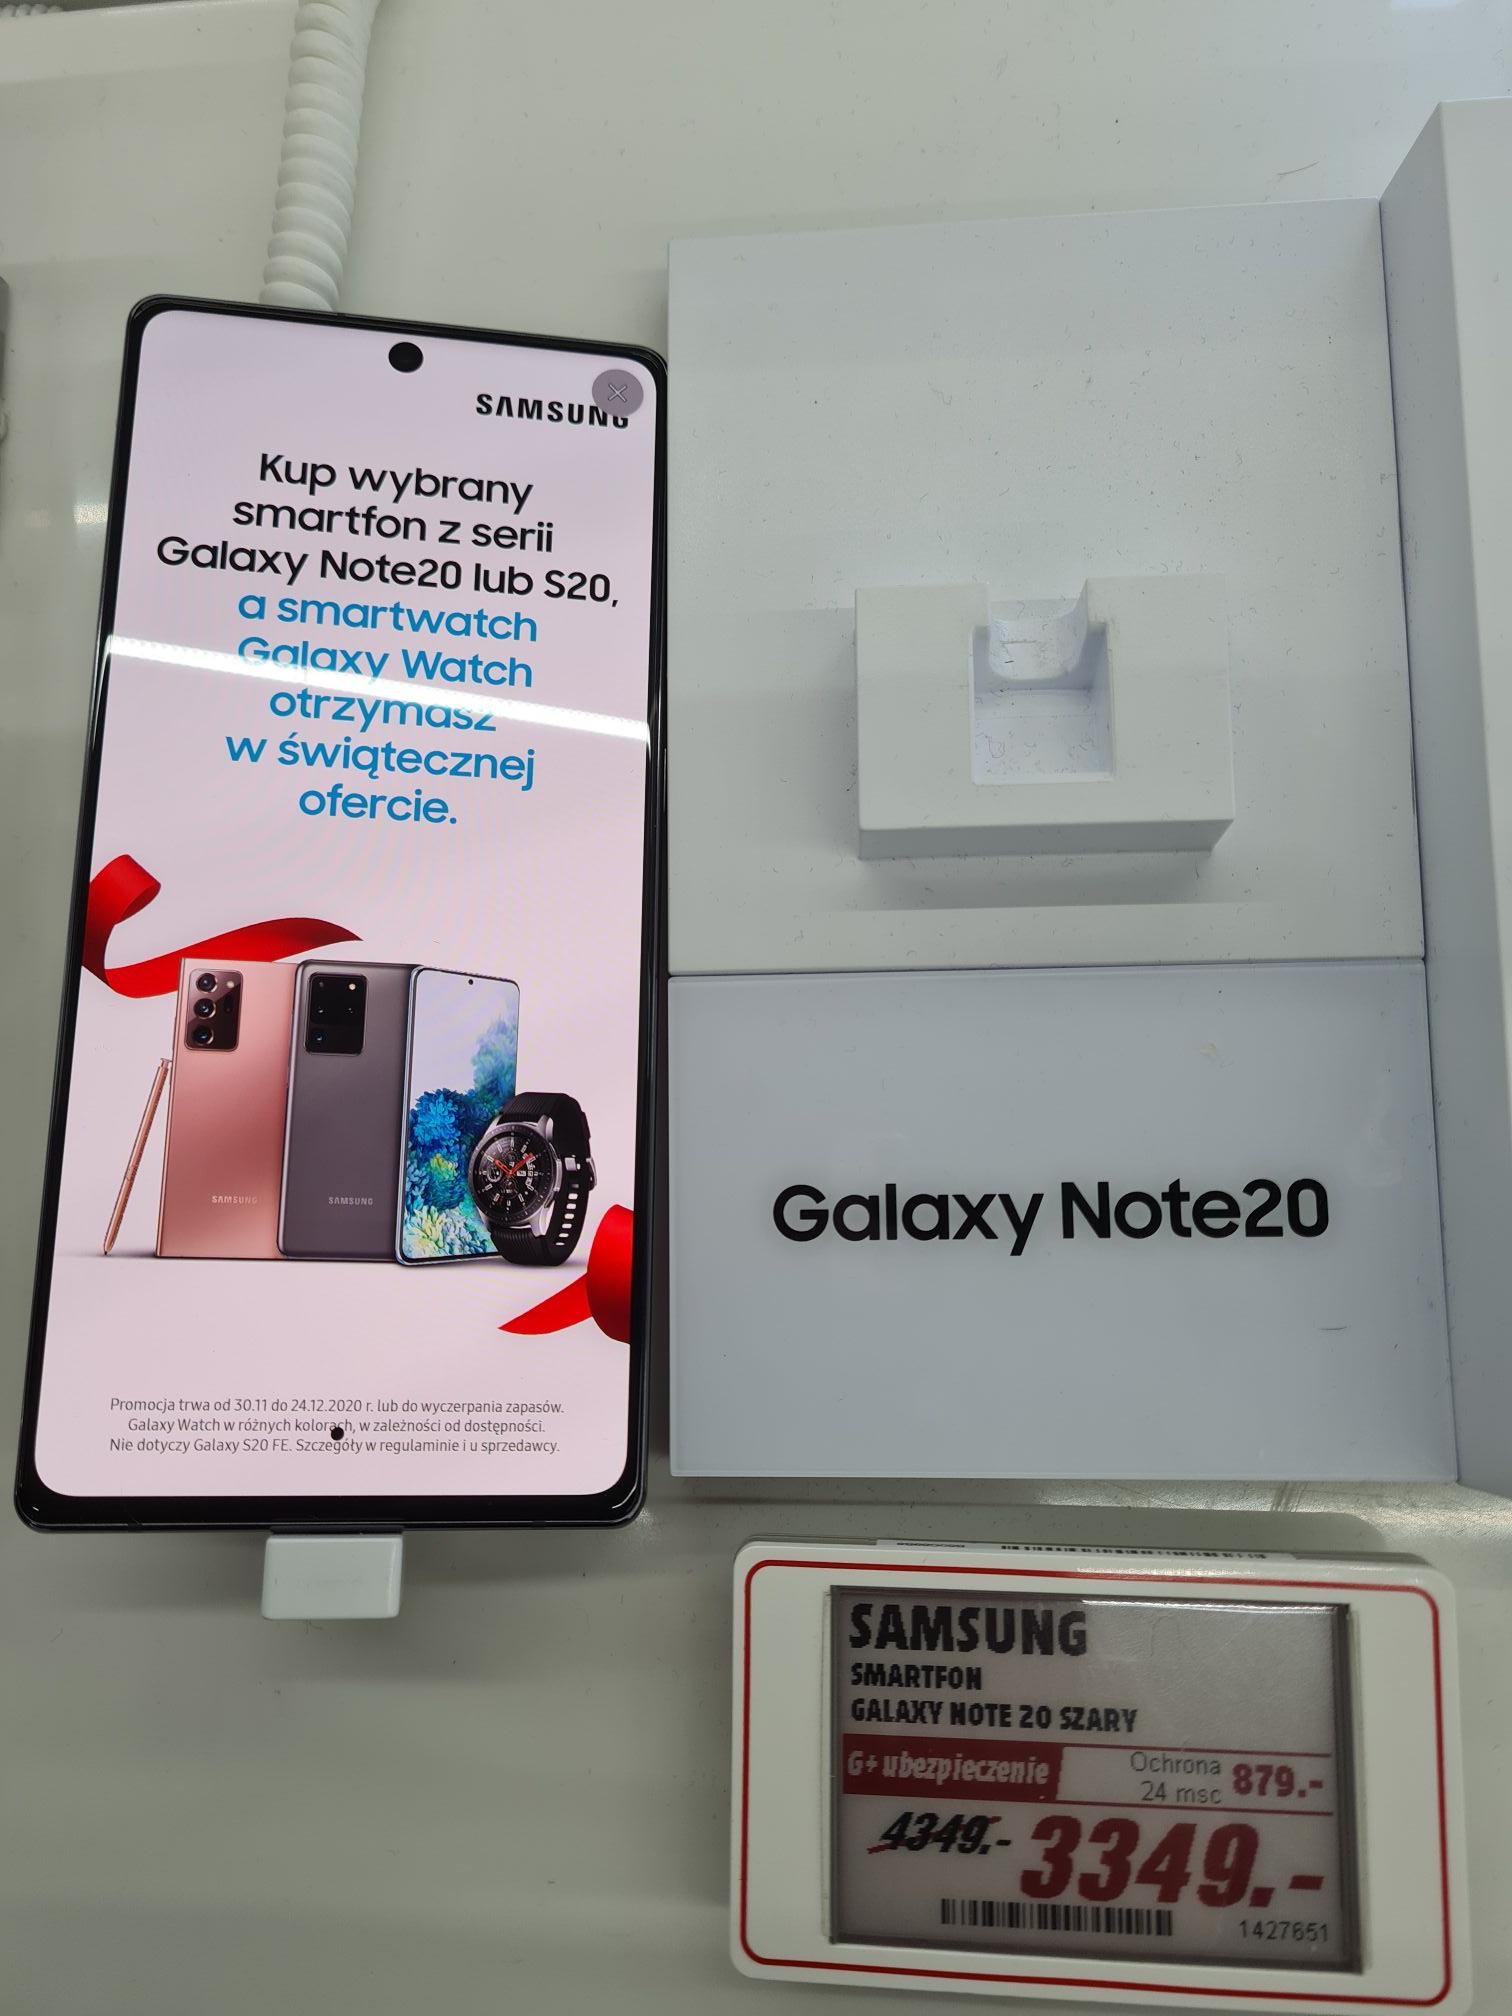 Samsung Galaxy Note 20 + Galaxy Watch + 300 zł w bonach